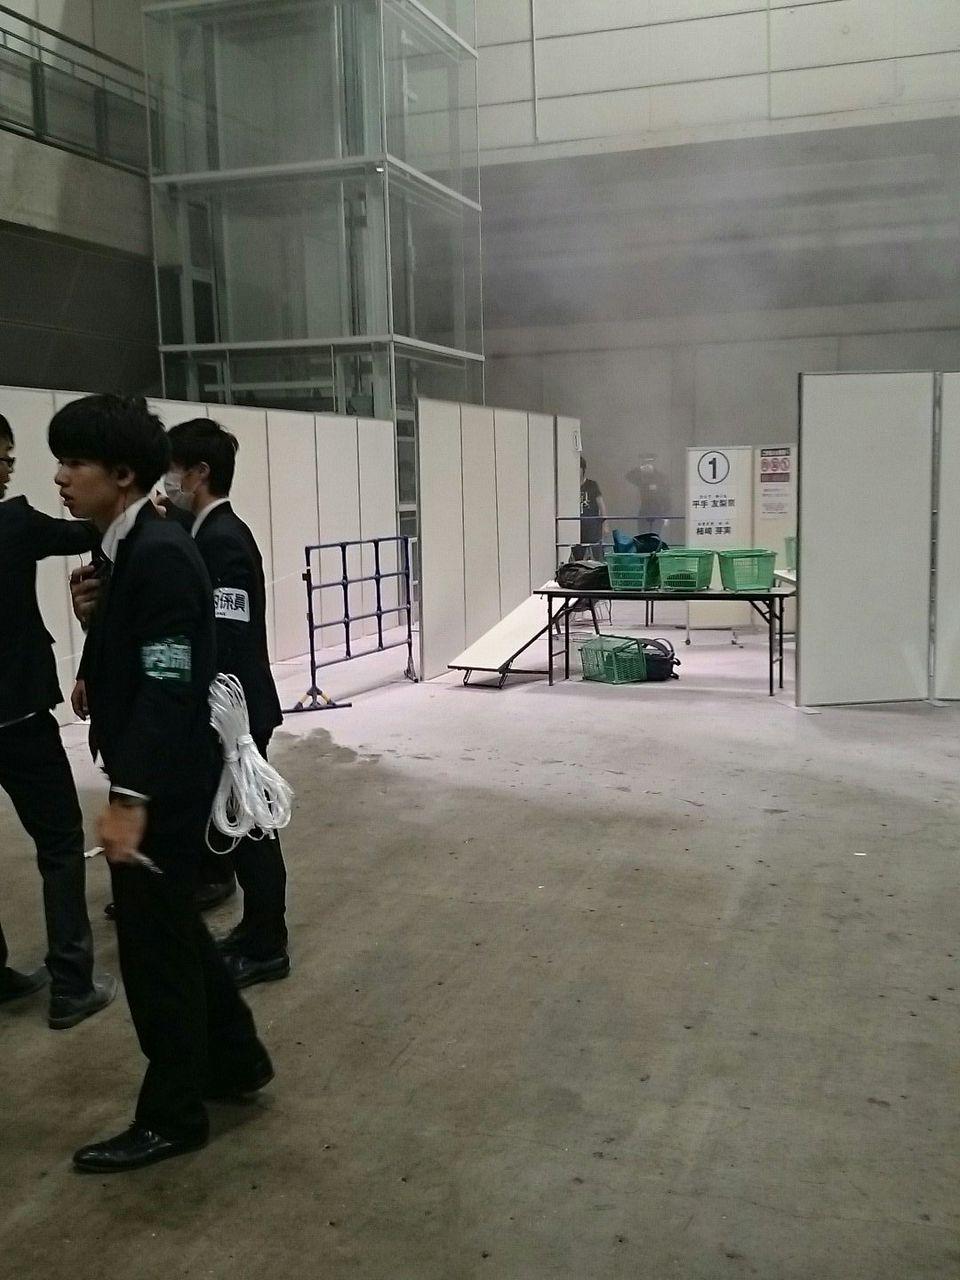 【悲報】欅坂46 握手会で発煙筒に点火。逮捕男ナイフも所持【動画】